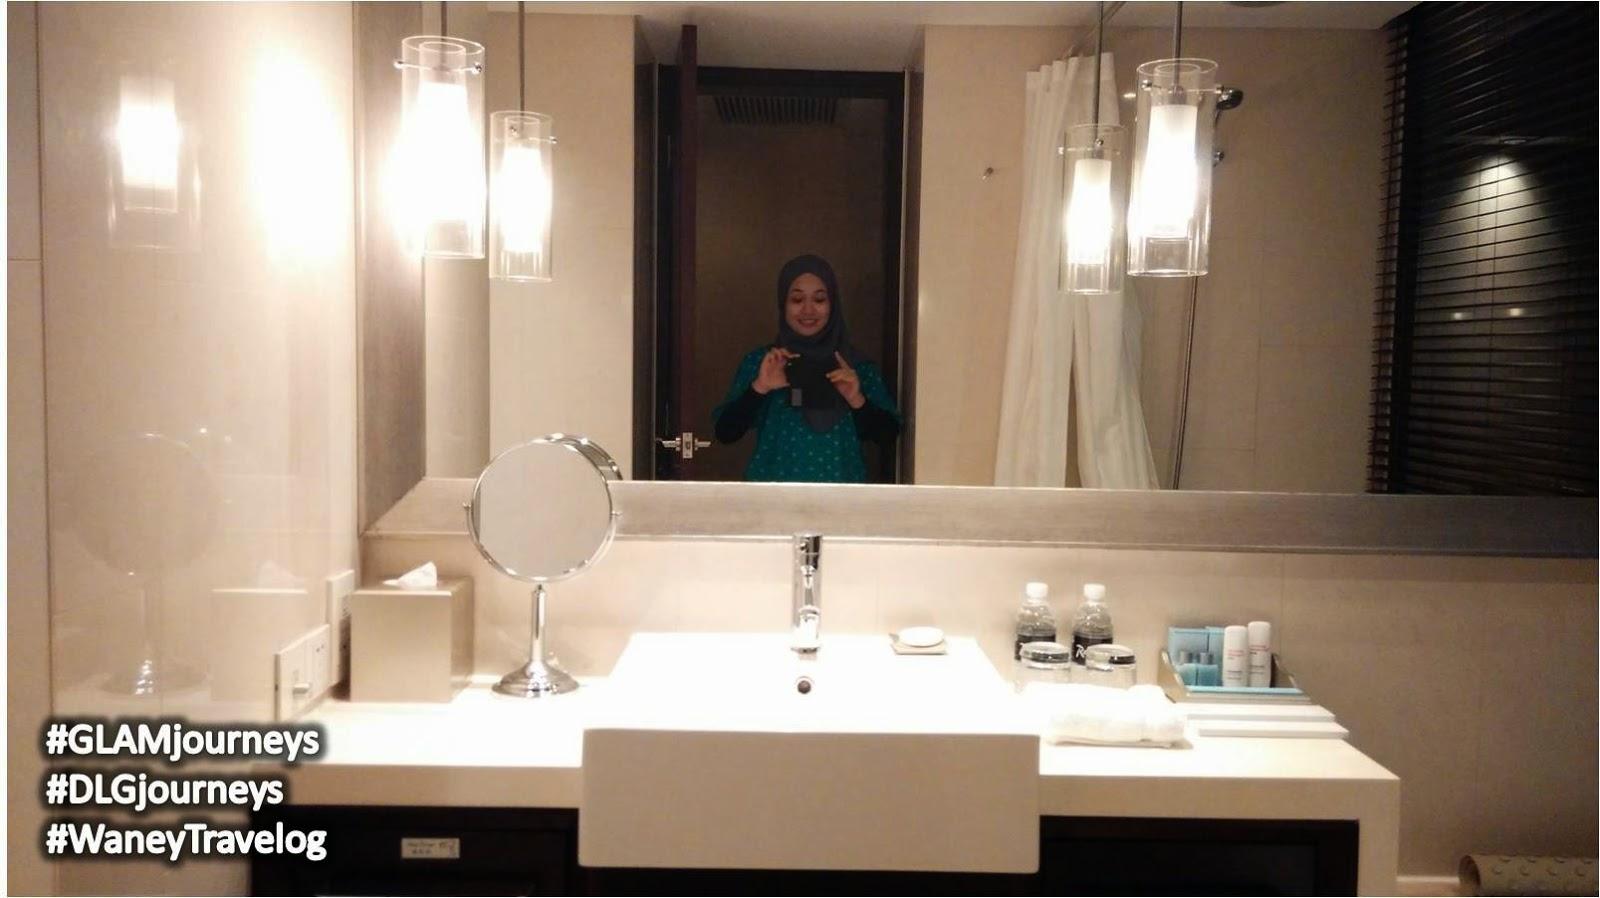 Radisson Blu Hotel Pudong Century Park, hotel review in Shanghai, cuti-cuti malaysia, melancong percuma, pakej pelancongan ke Shanghai, holiday package in Shanghai, travel guide in Shanghai, Waney Travelog, Waney in Shanghai, Glam journeys, DLG journeys, Waney Zainuddin